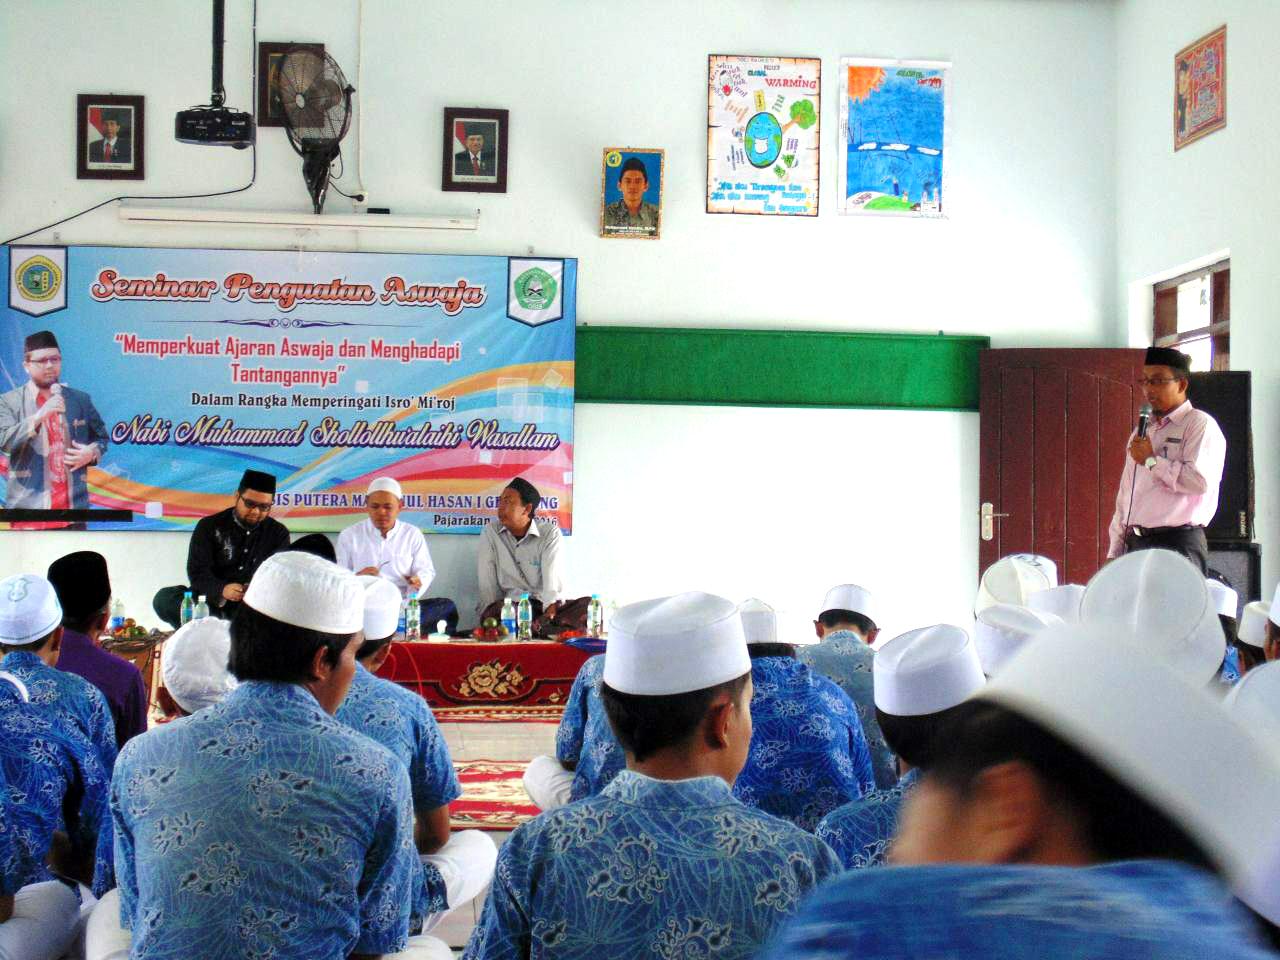 Seminar ASWAJA